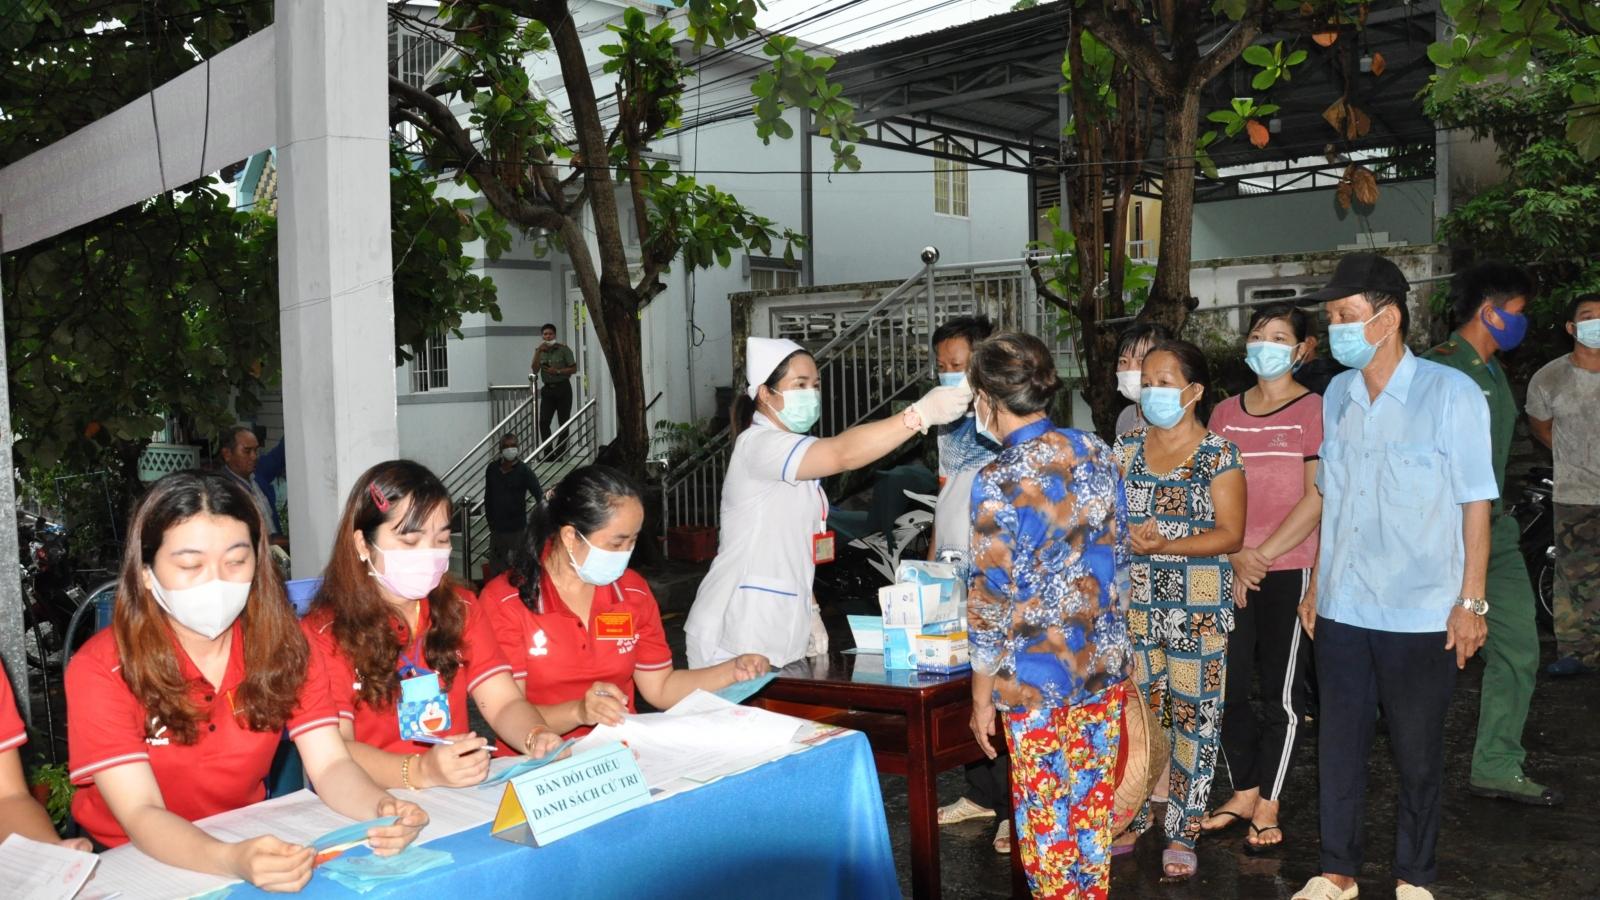 Kiên Giang tổ chức bầu cử thêm vào ngày 6/6 do không bầu đủ đại biểu HĐND